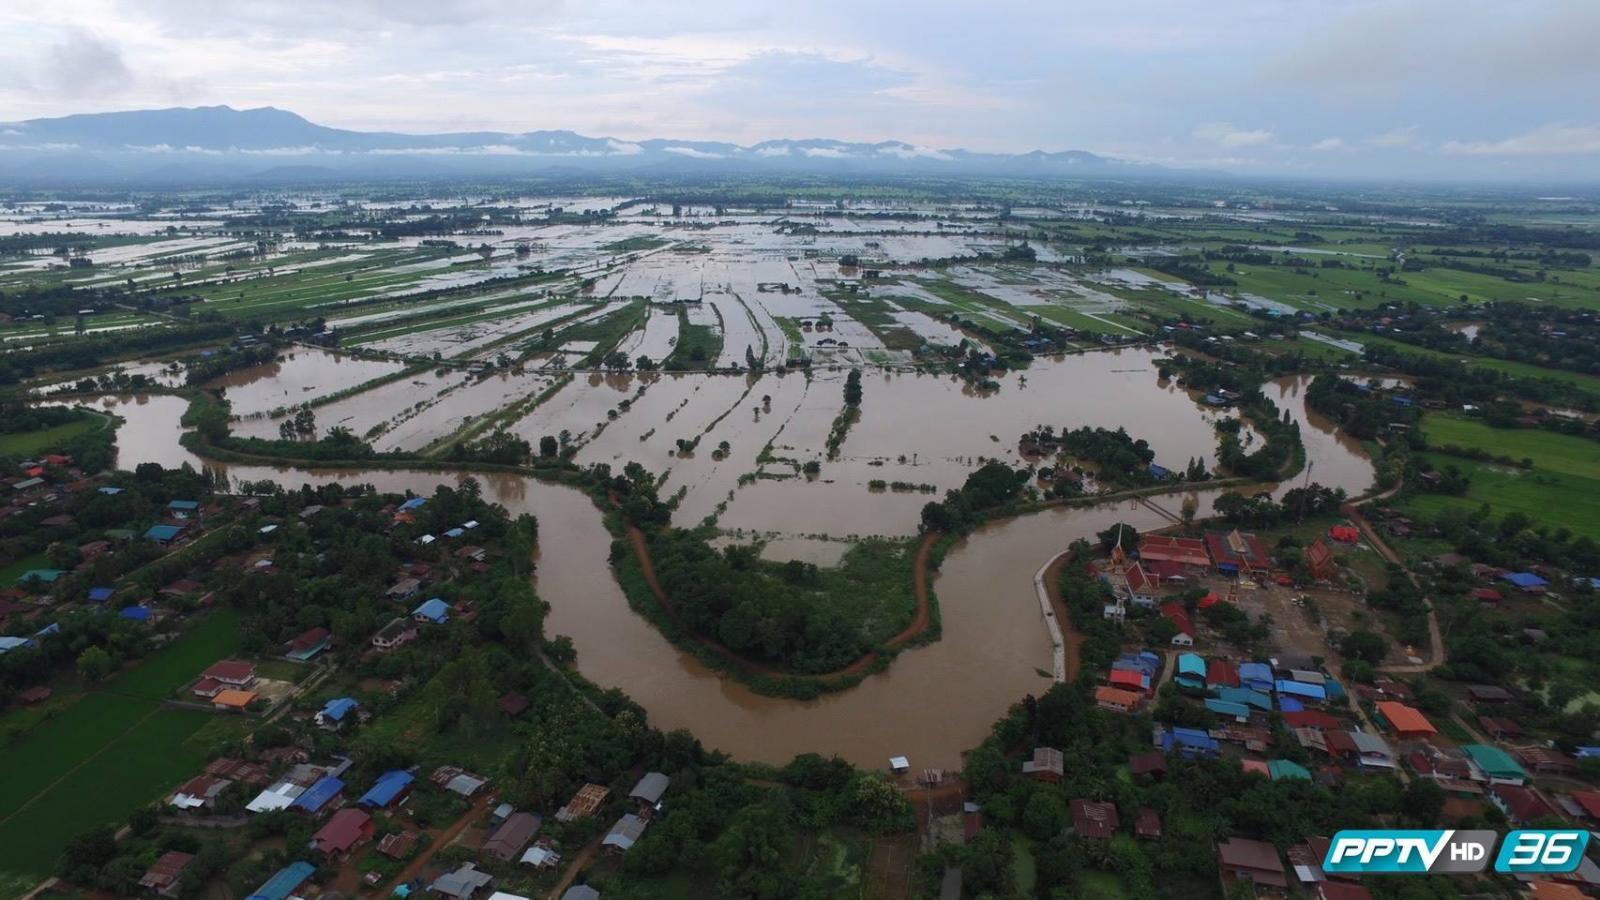 เทศบาลสุโขทัยระดับน้ำเริ่มคลี่คลาย แต่หลายพื้นที่ยังท่วมสูง (คลิป)